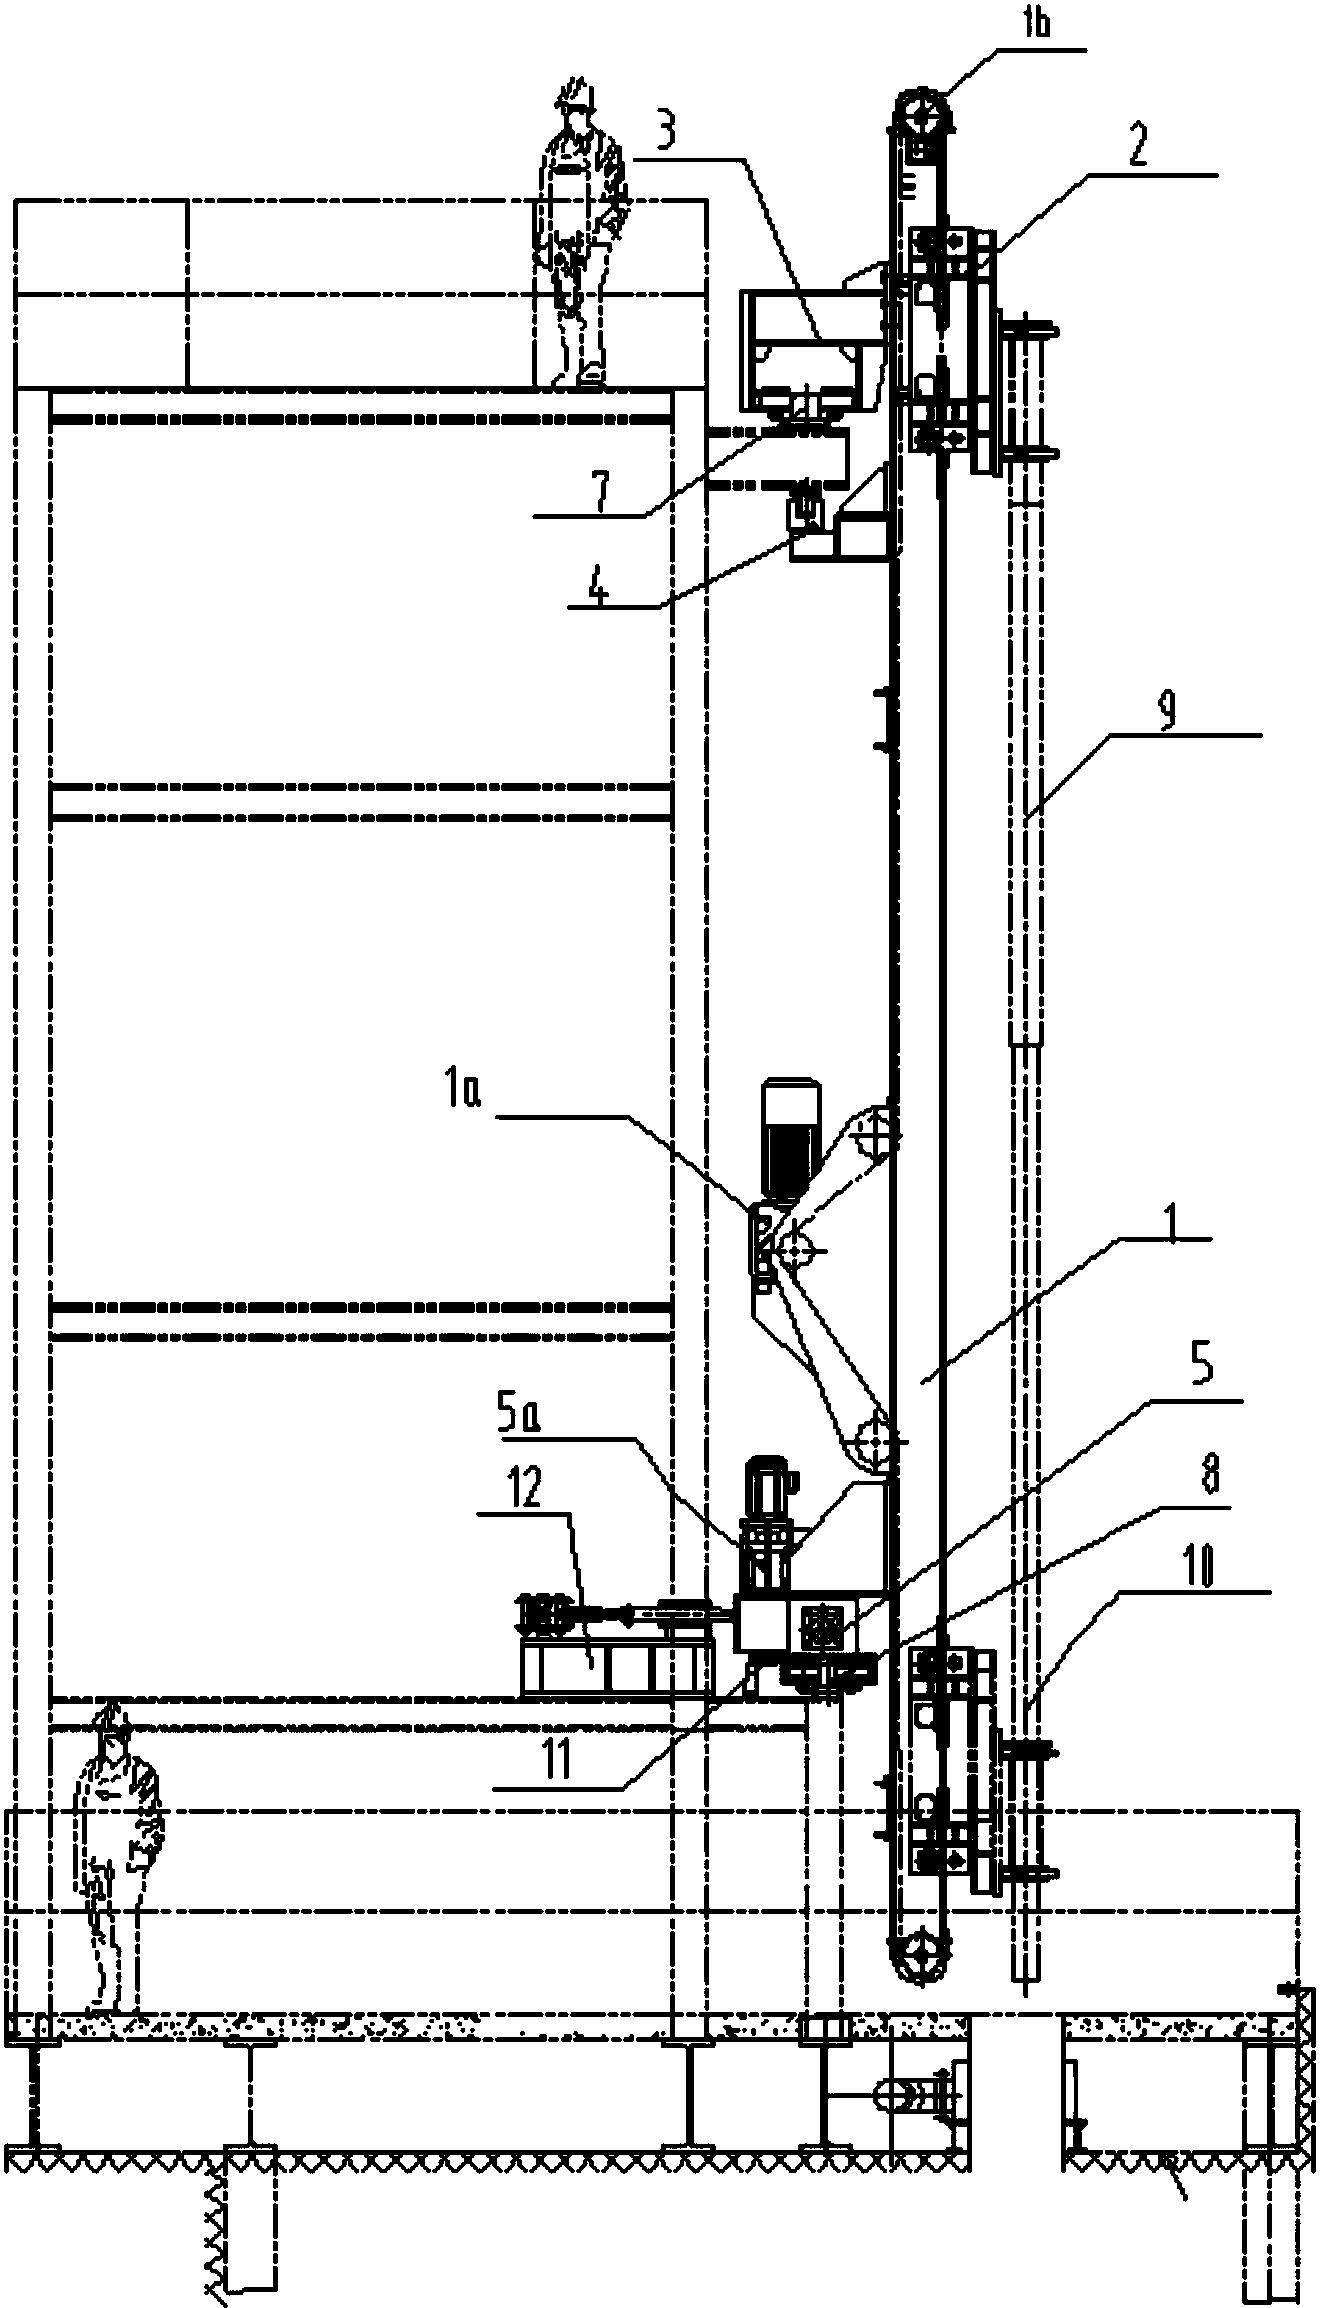 一种用于炼钢厂连续脱硫喷吹脱硫剂的双枪装置武汉凡石设计装修图片